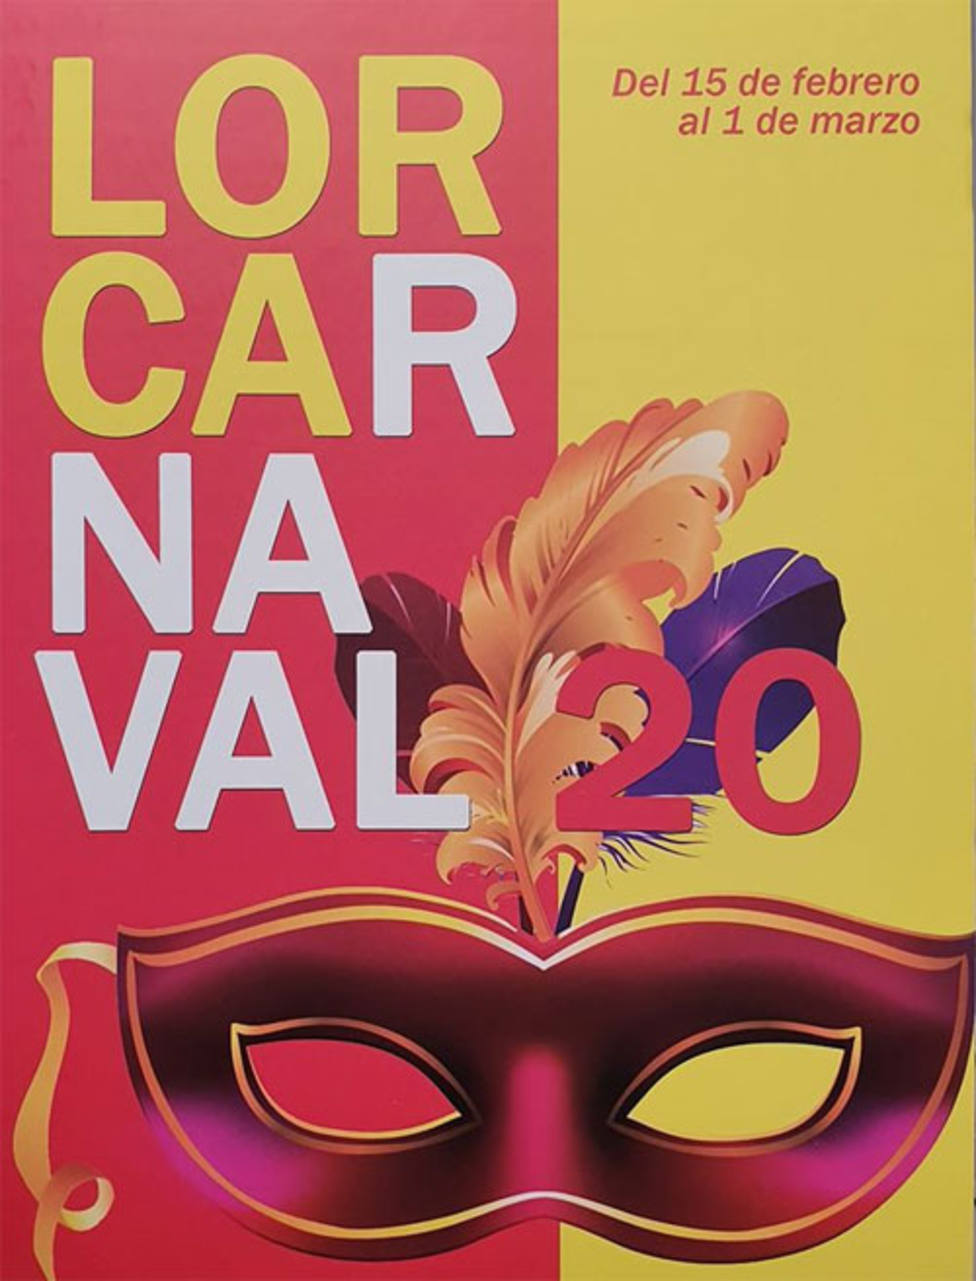 Unas 1.500 personas de 20 comparsas participan este sábado en el carnaval de Lorca